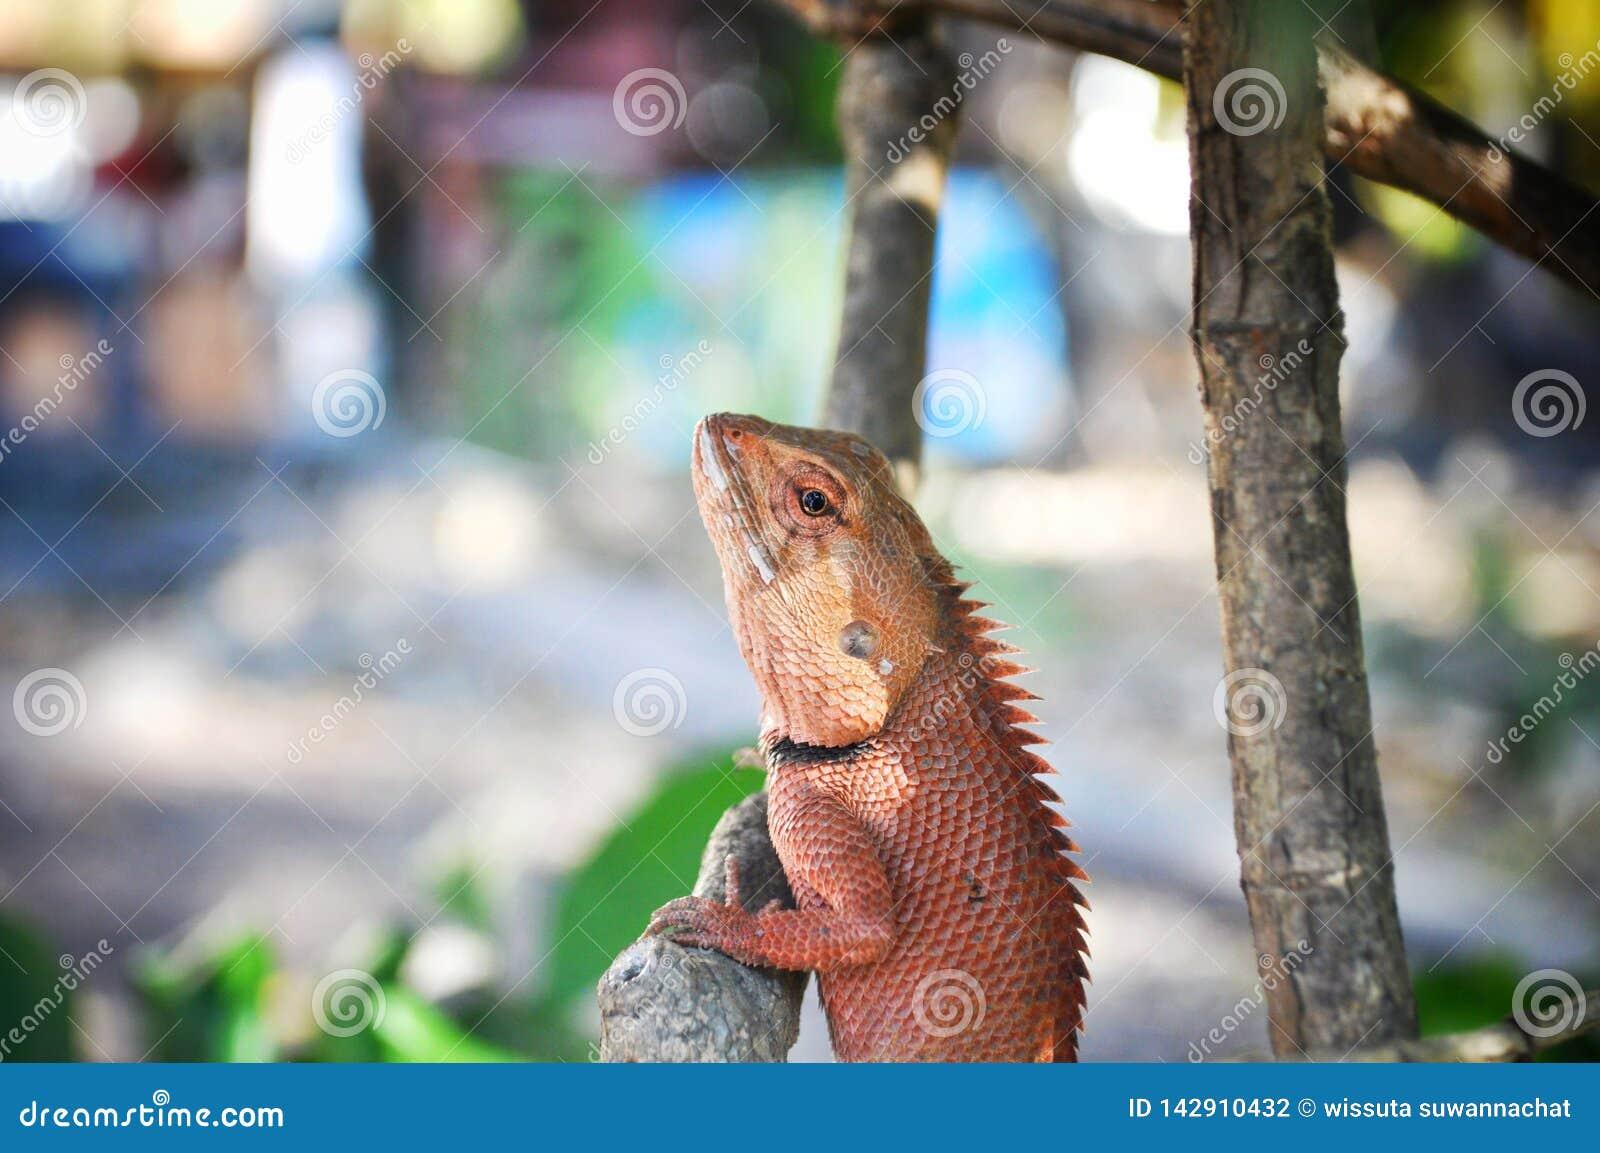 Ящерица на дереве, Таиланд